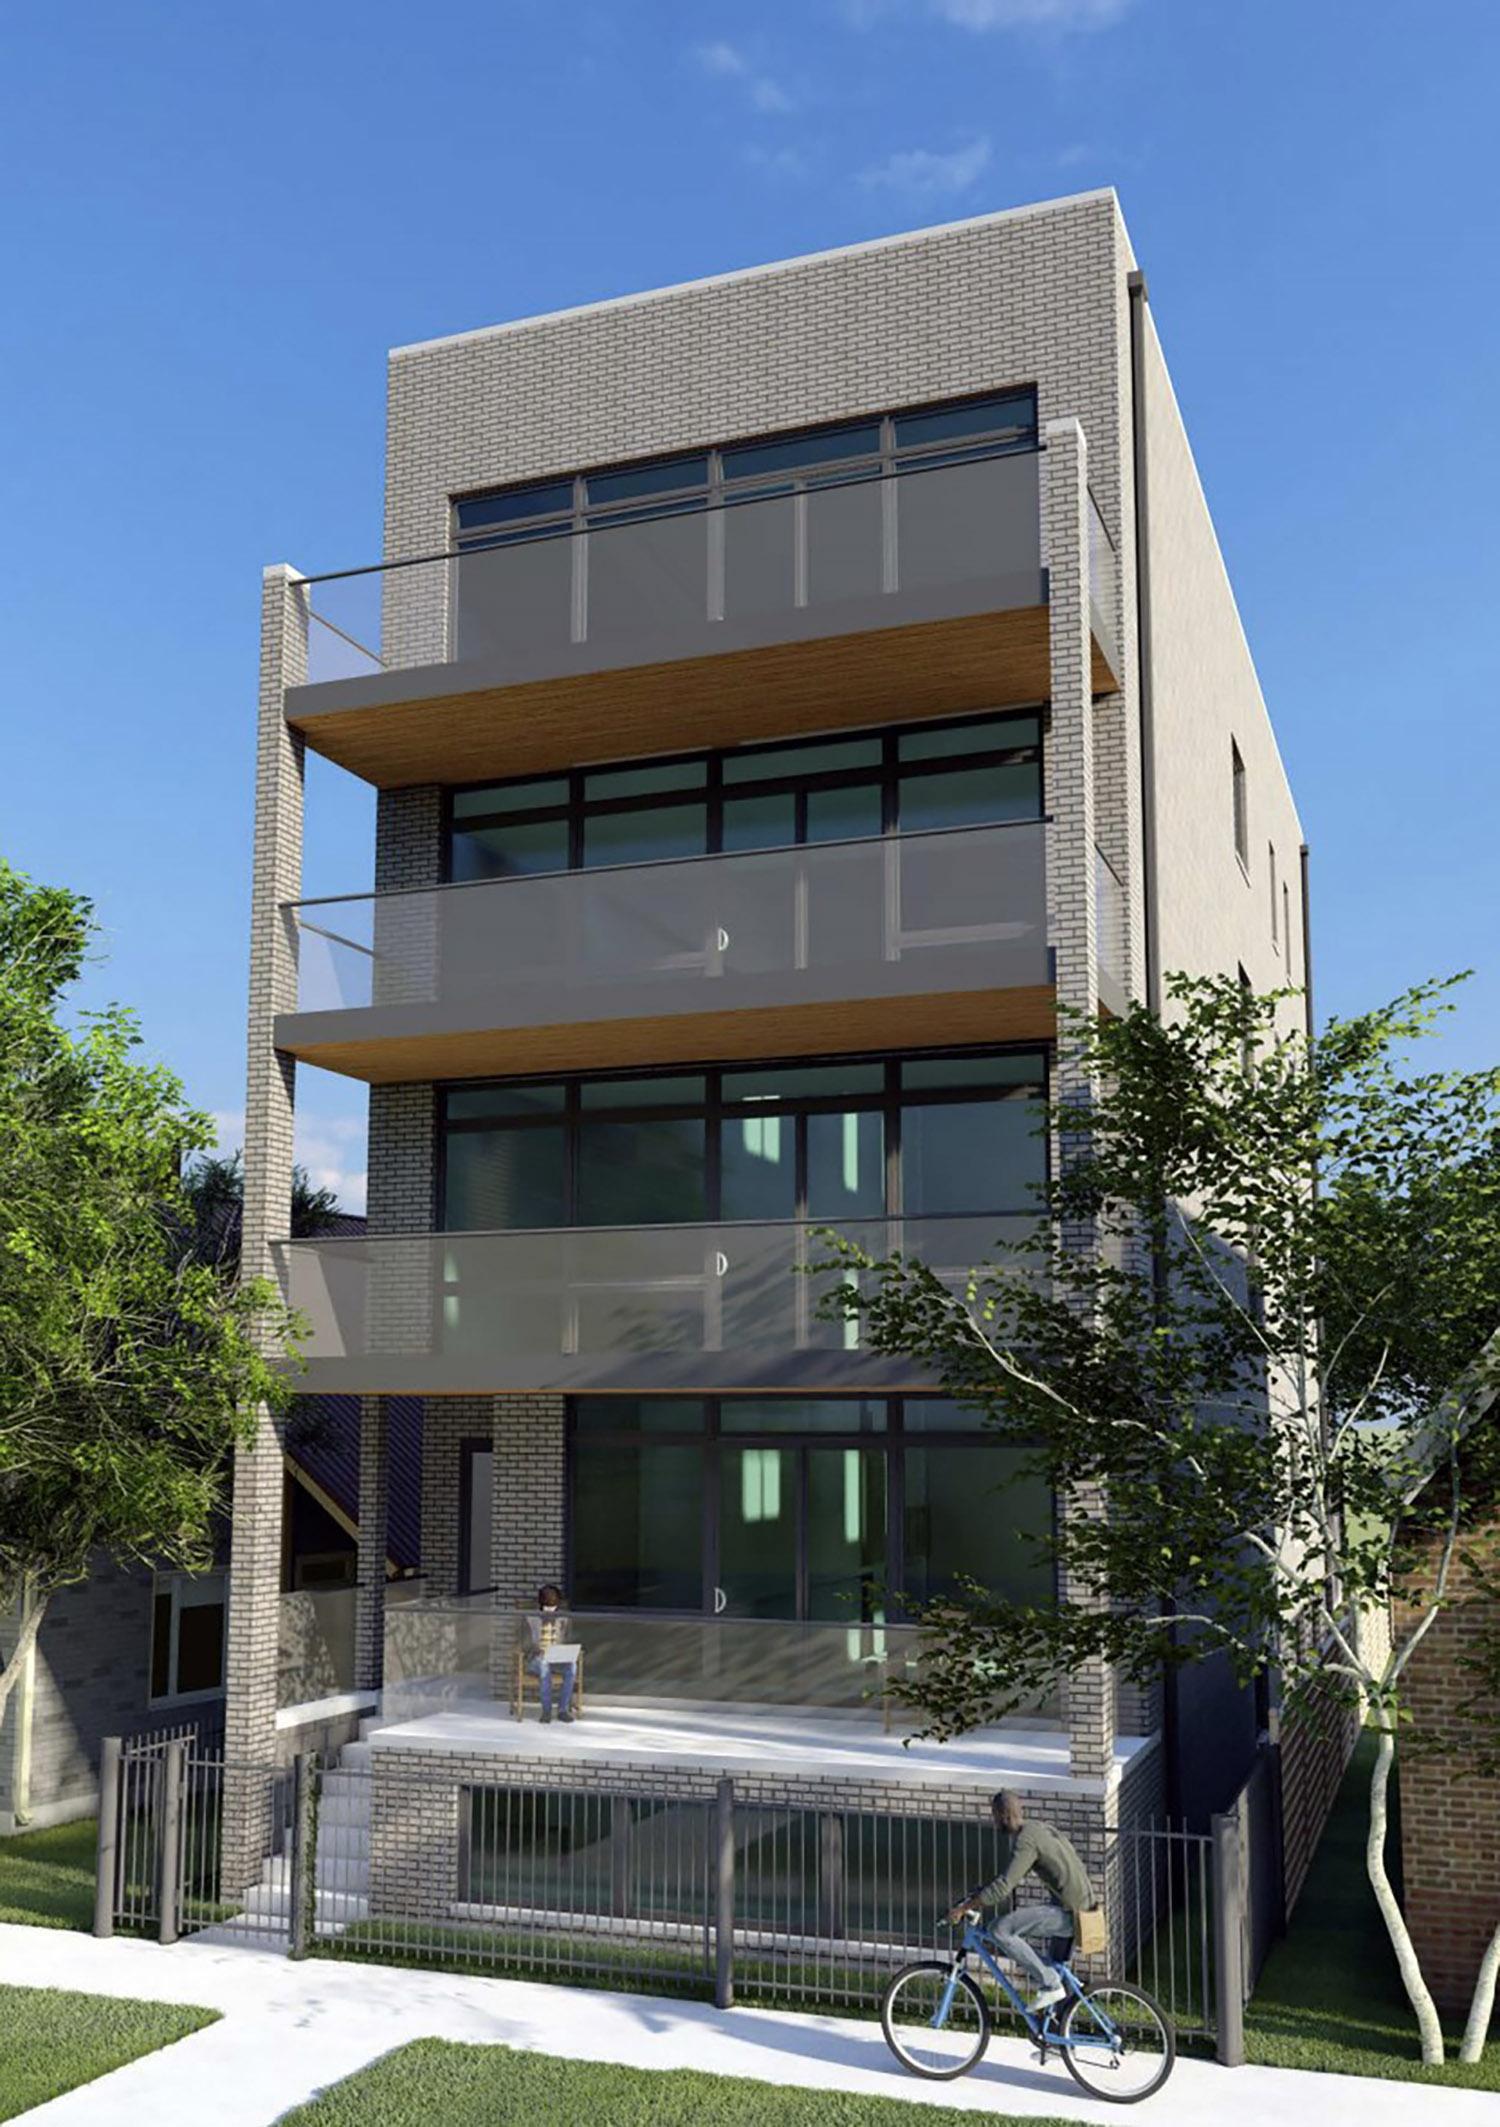 5040 N Western Avenue. Rendering by Eduard Livanu